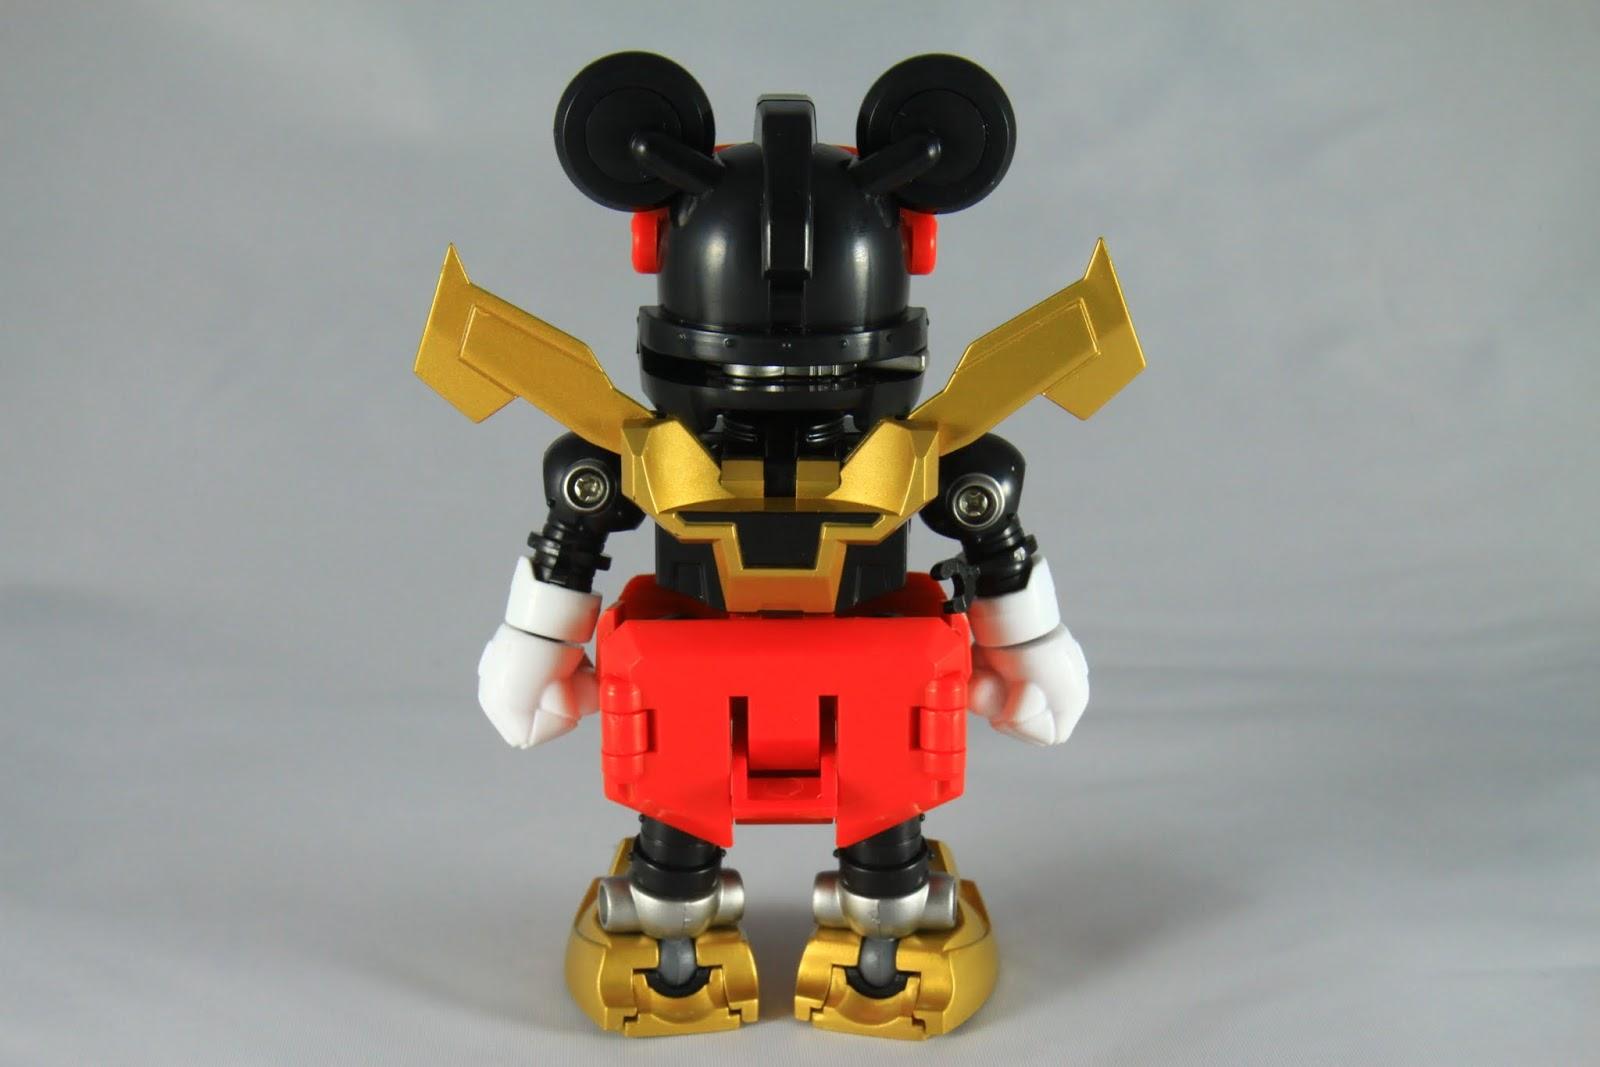 合金合體機器人從古早舊有的問題就是 為了遷就合體機構 分離的個體大多都有外形被犧牲的地方 像這隻米奇的屁股好大